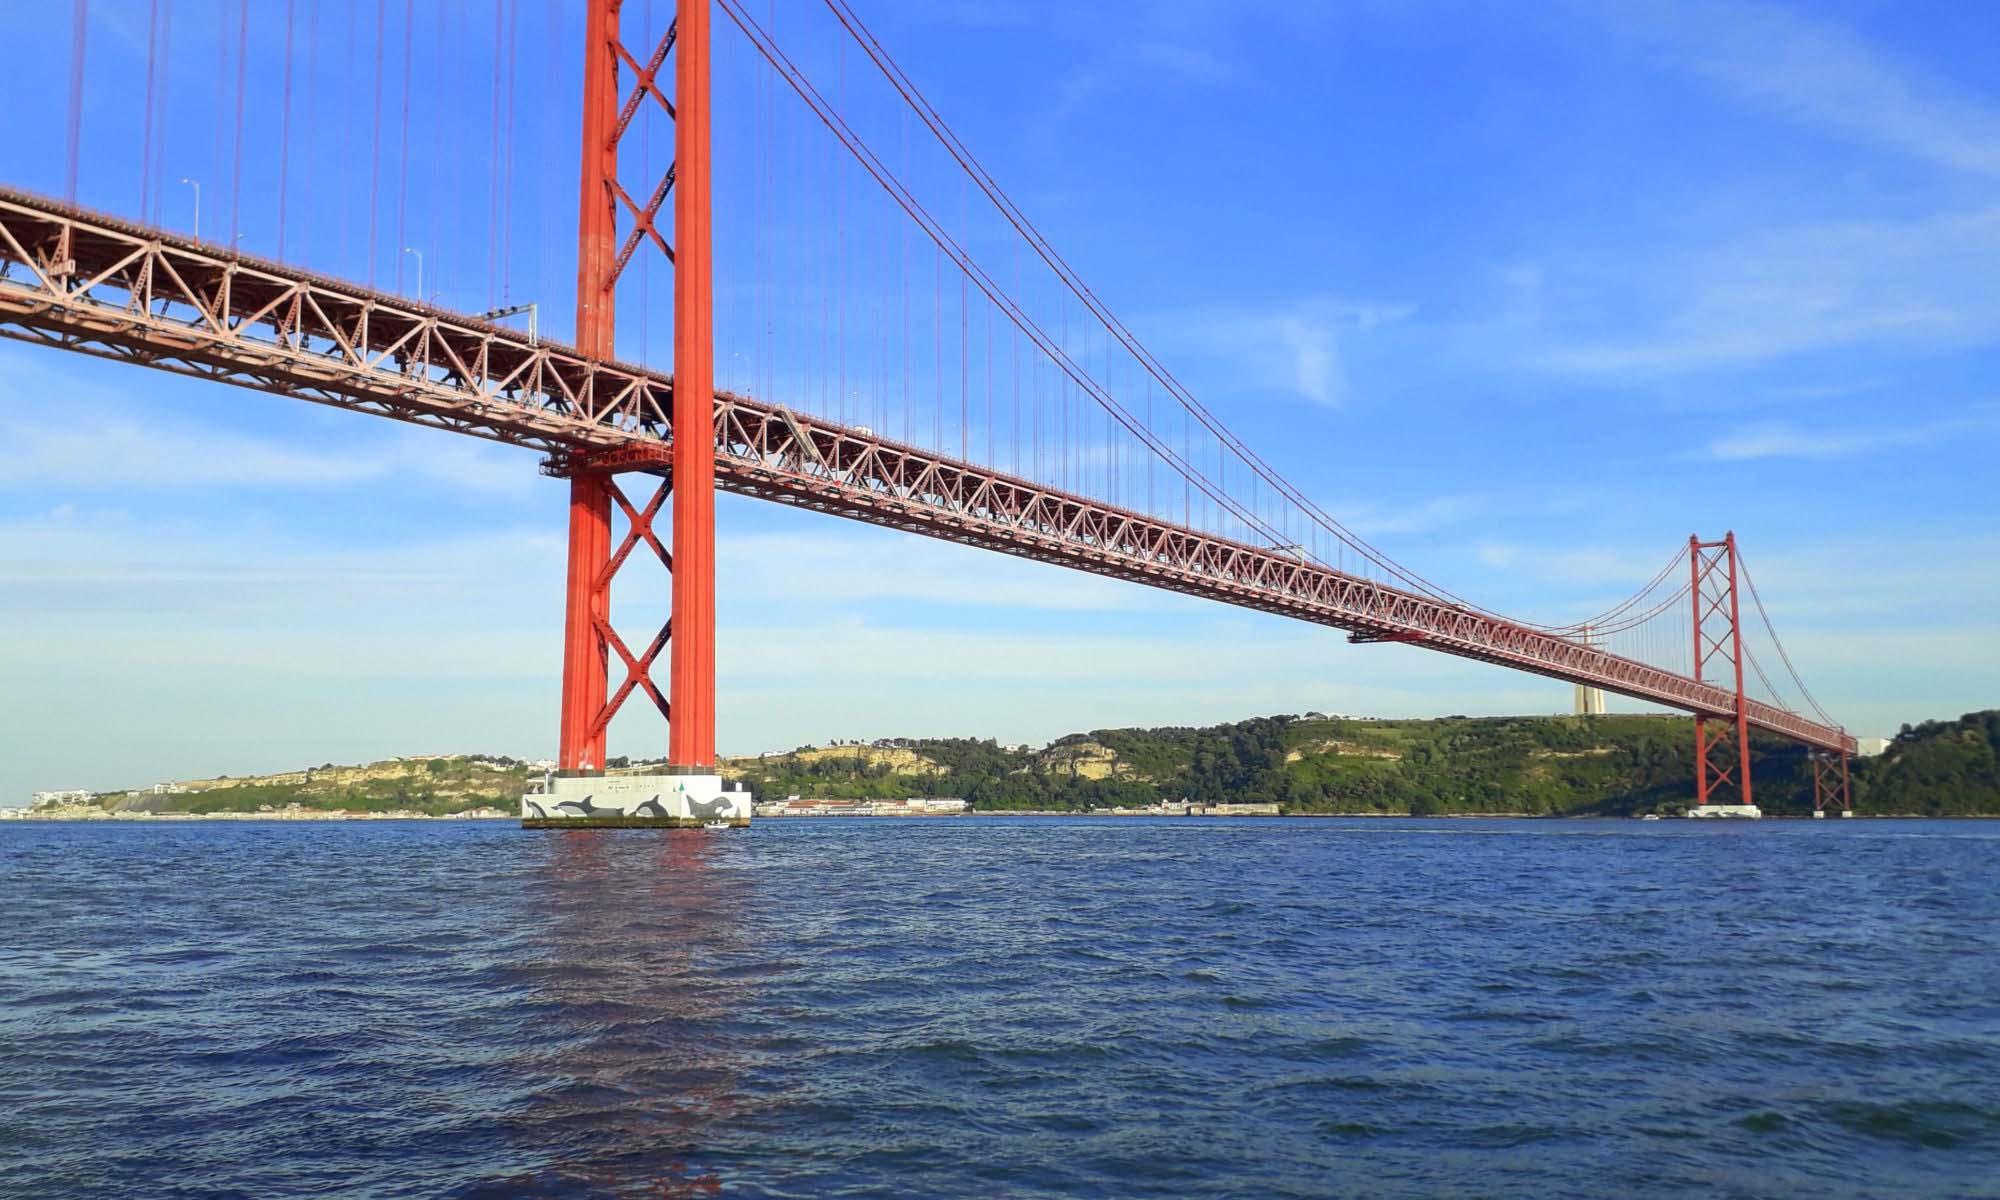 Vegan Guide Lisbon - Part 2: Explore